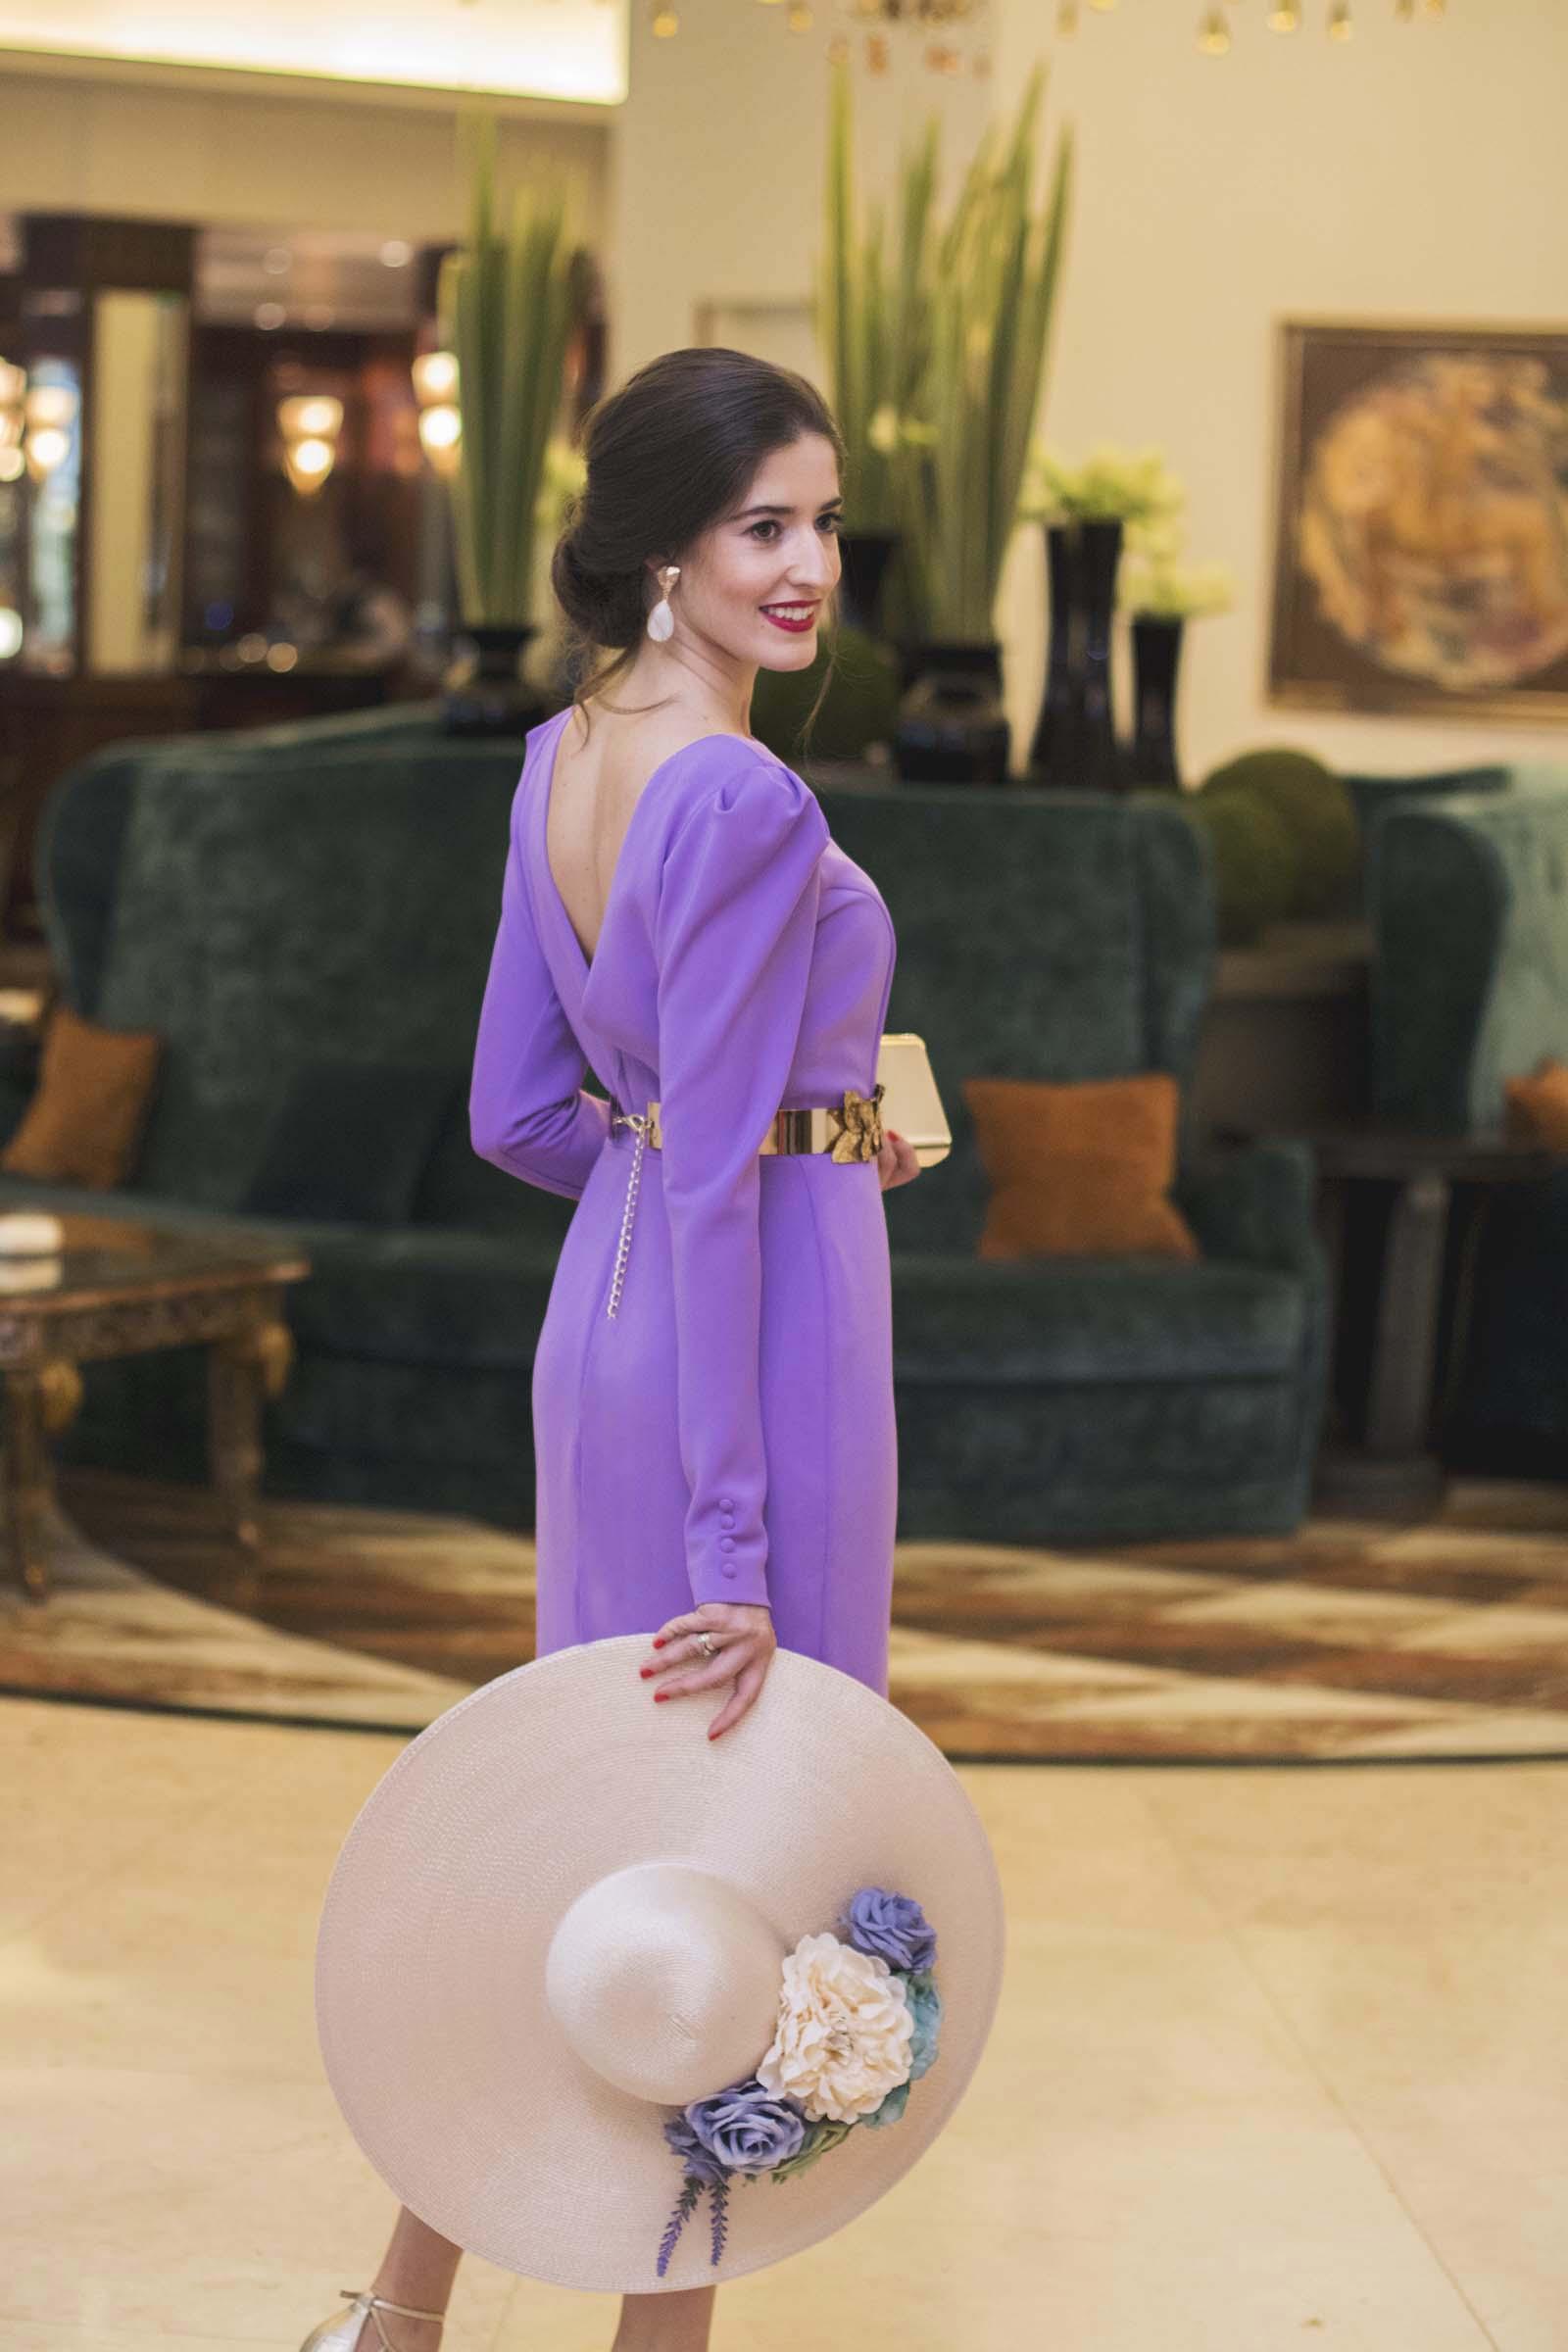 Invitada boda con vestido lila de Atelier Cho y pamela de Chouette ...